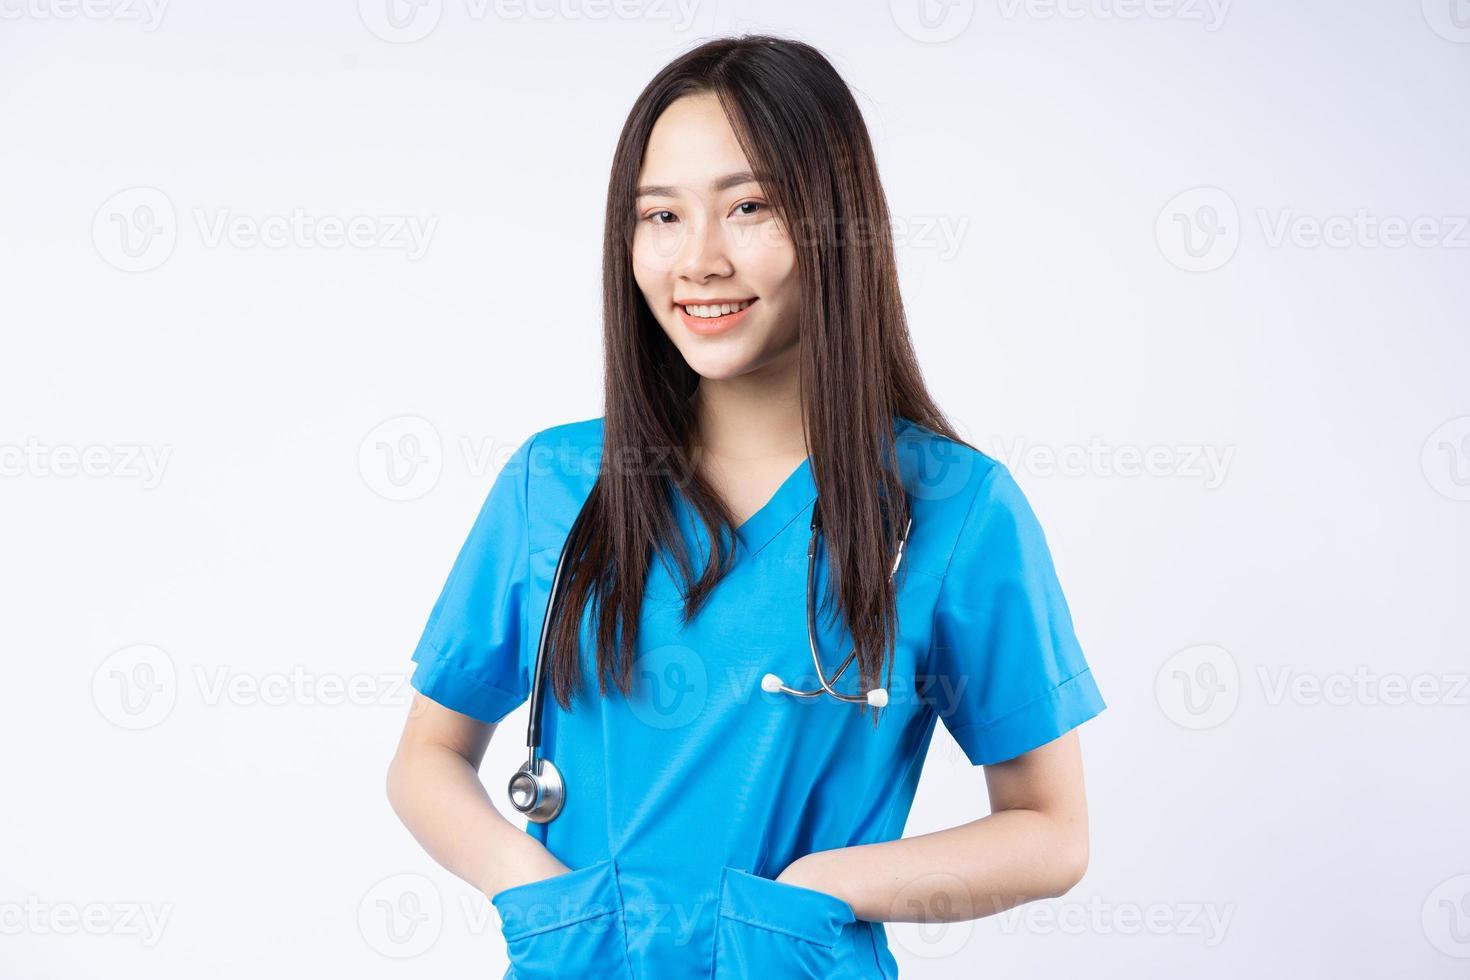 Porträt einer asiatischen Krankenschwester auf weißem Hintergrund foto